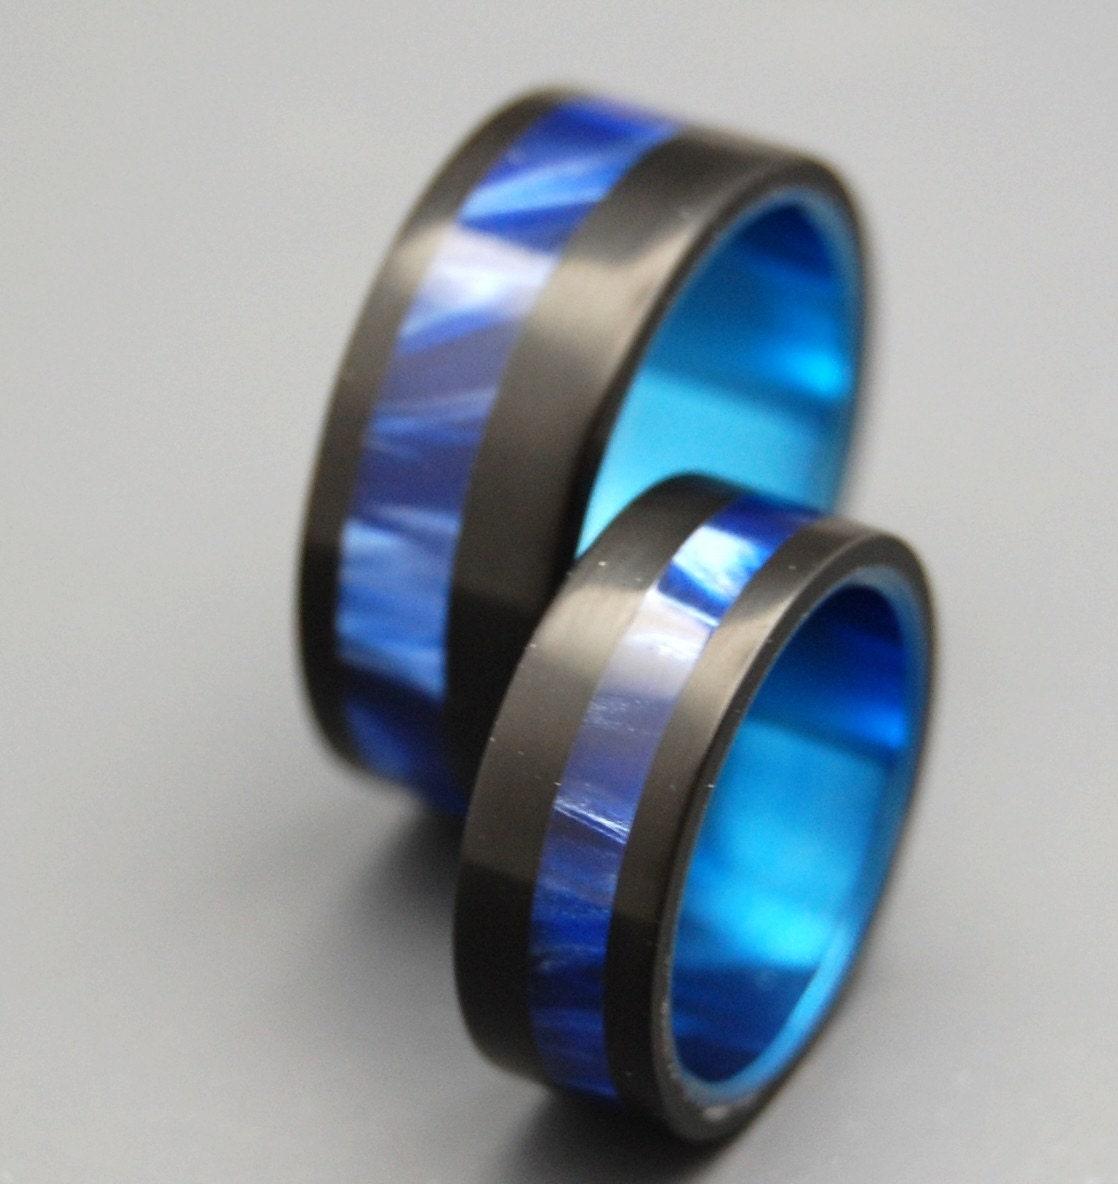 Cool Rings: Titanium Wedding Ring Wedding Ring Wedding Bands Mens Ring